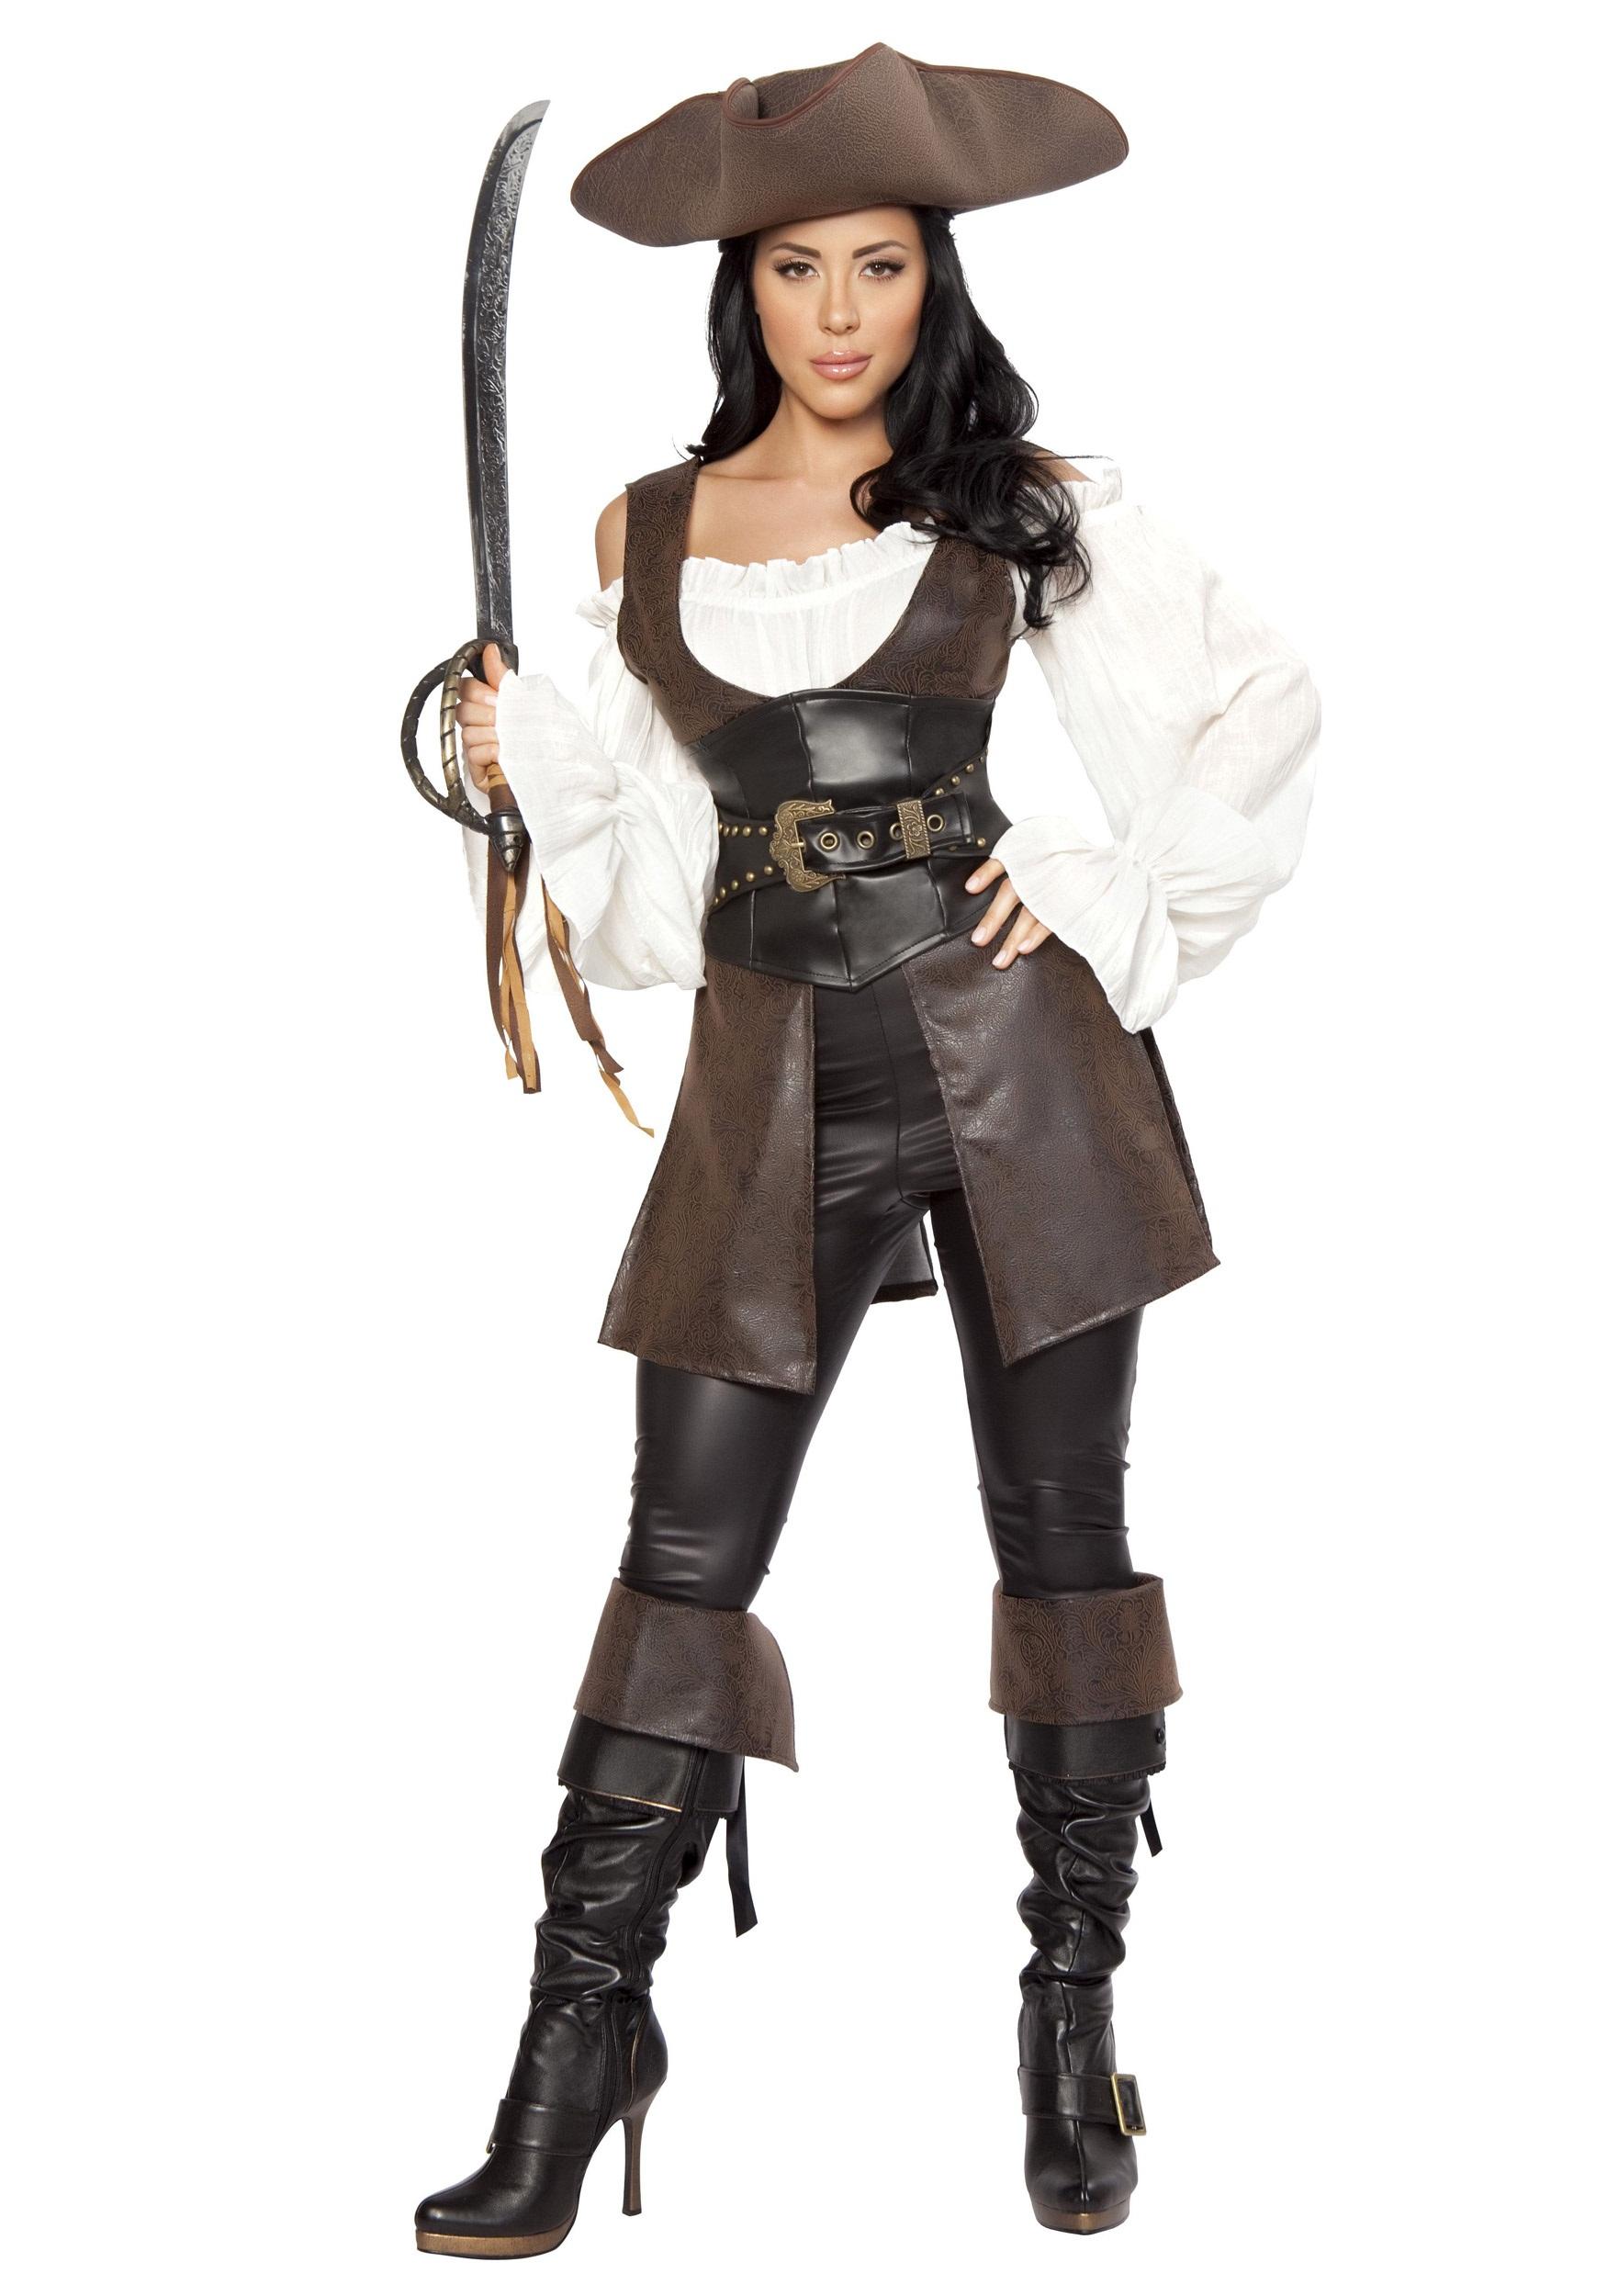 womens deluxe swashbuckler costume